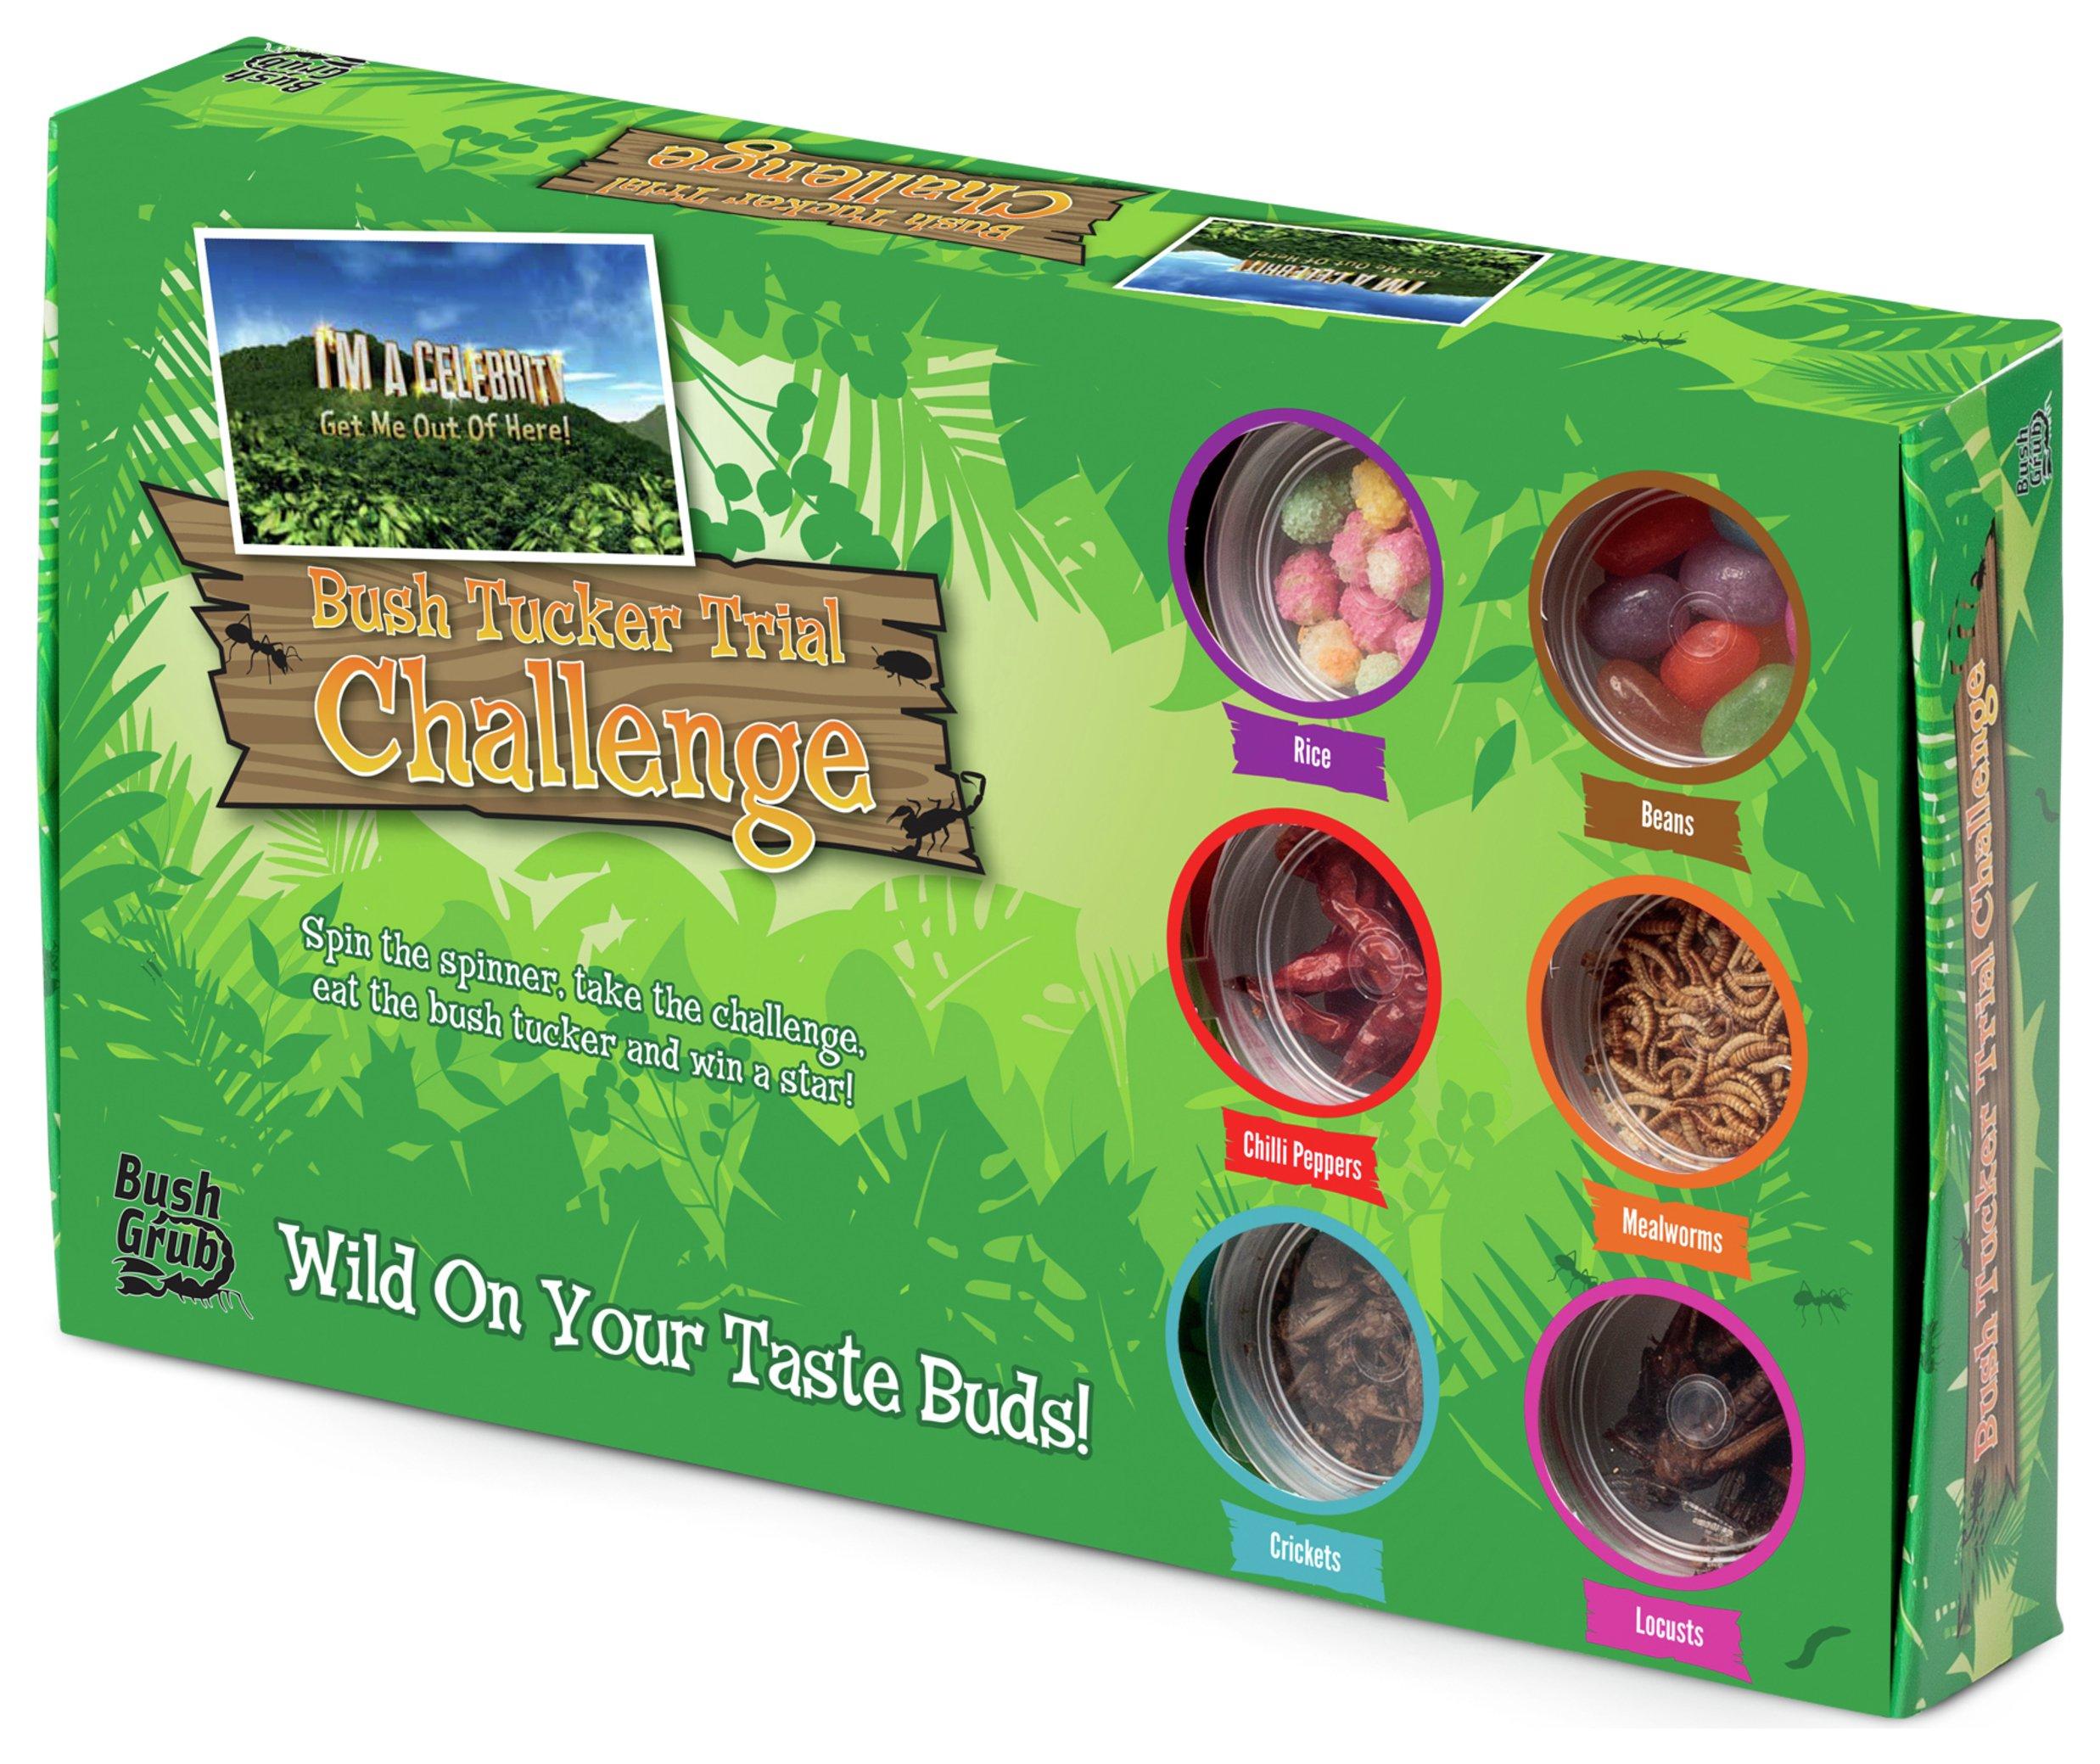 Image of Bush Grub Bush Tucker Trial Challenge